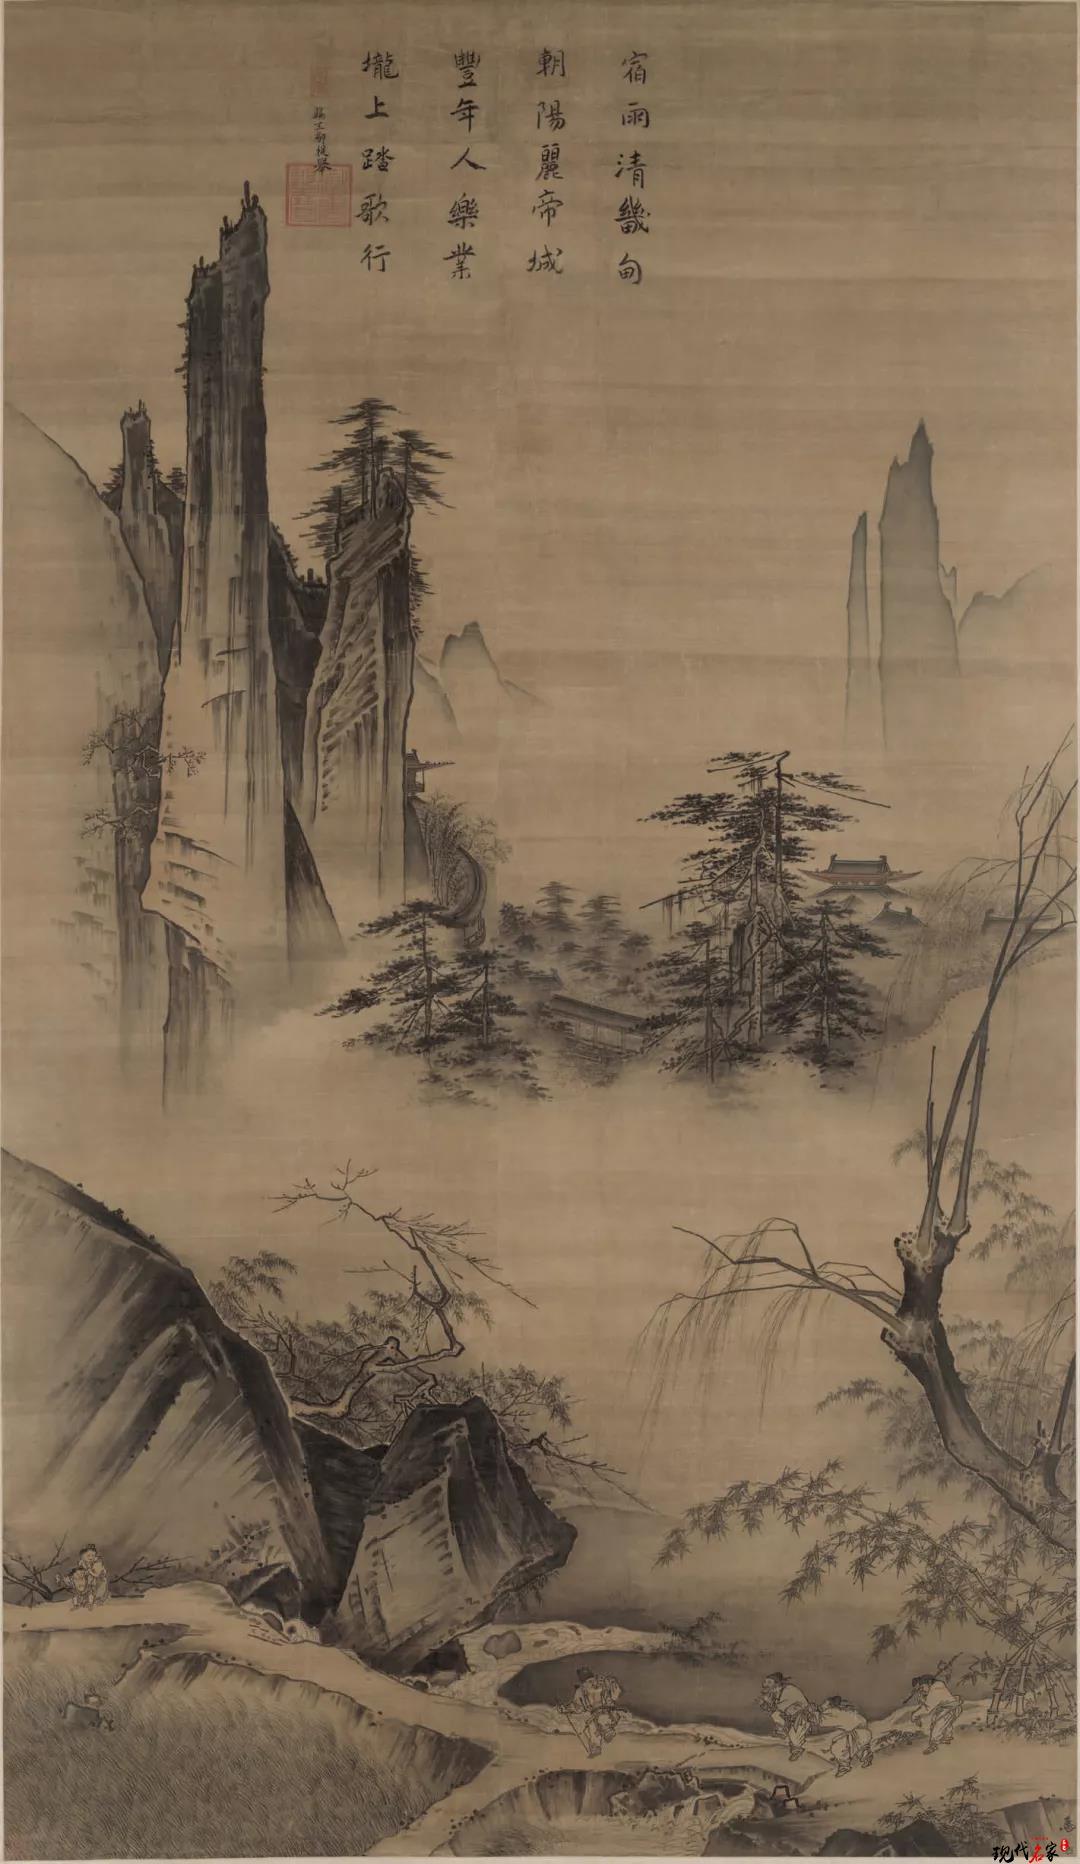 卢禹舜 | 宋代山水画开始注重内心的体验,追求心物圆融的境界-第7张